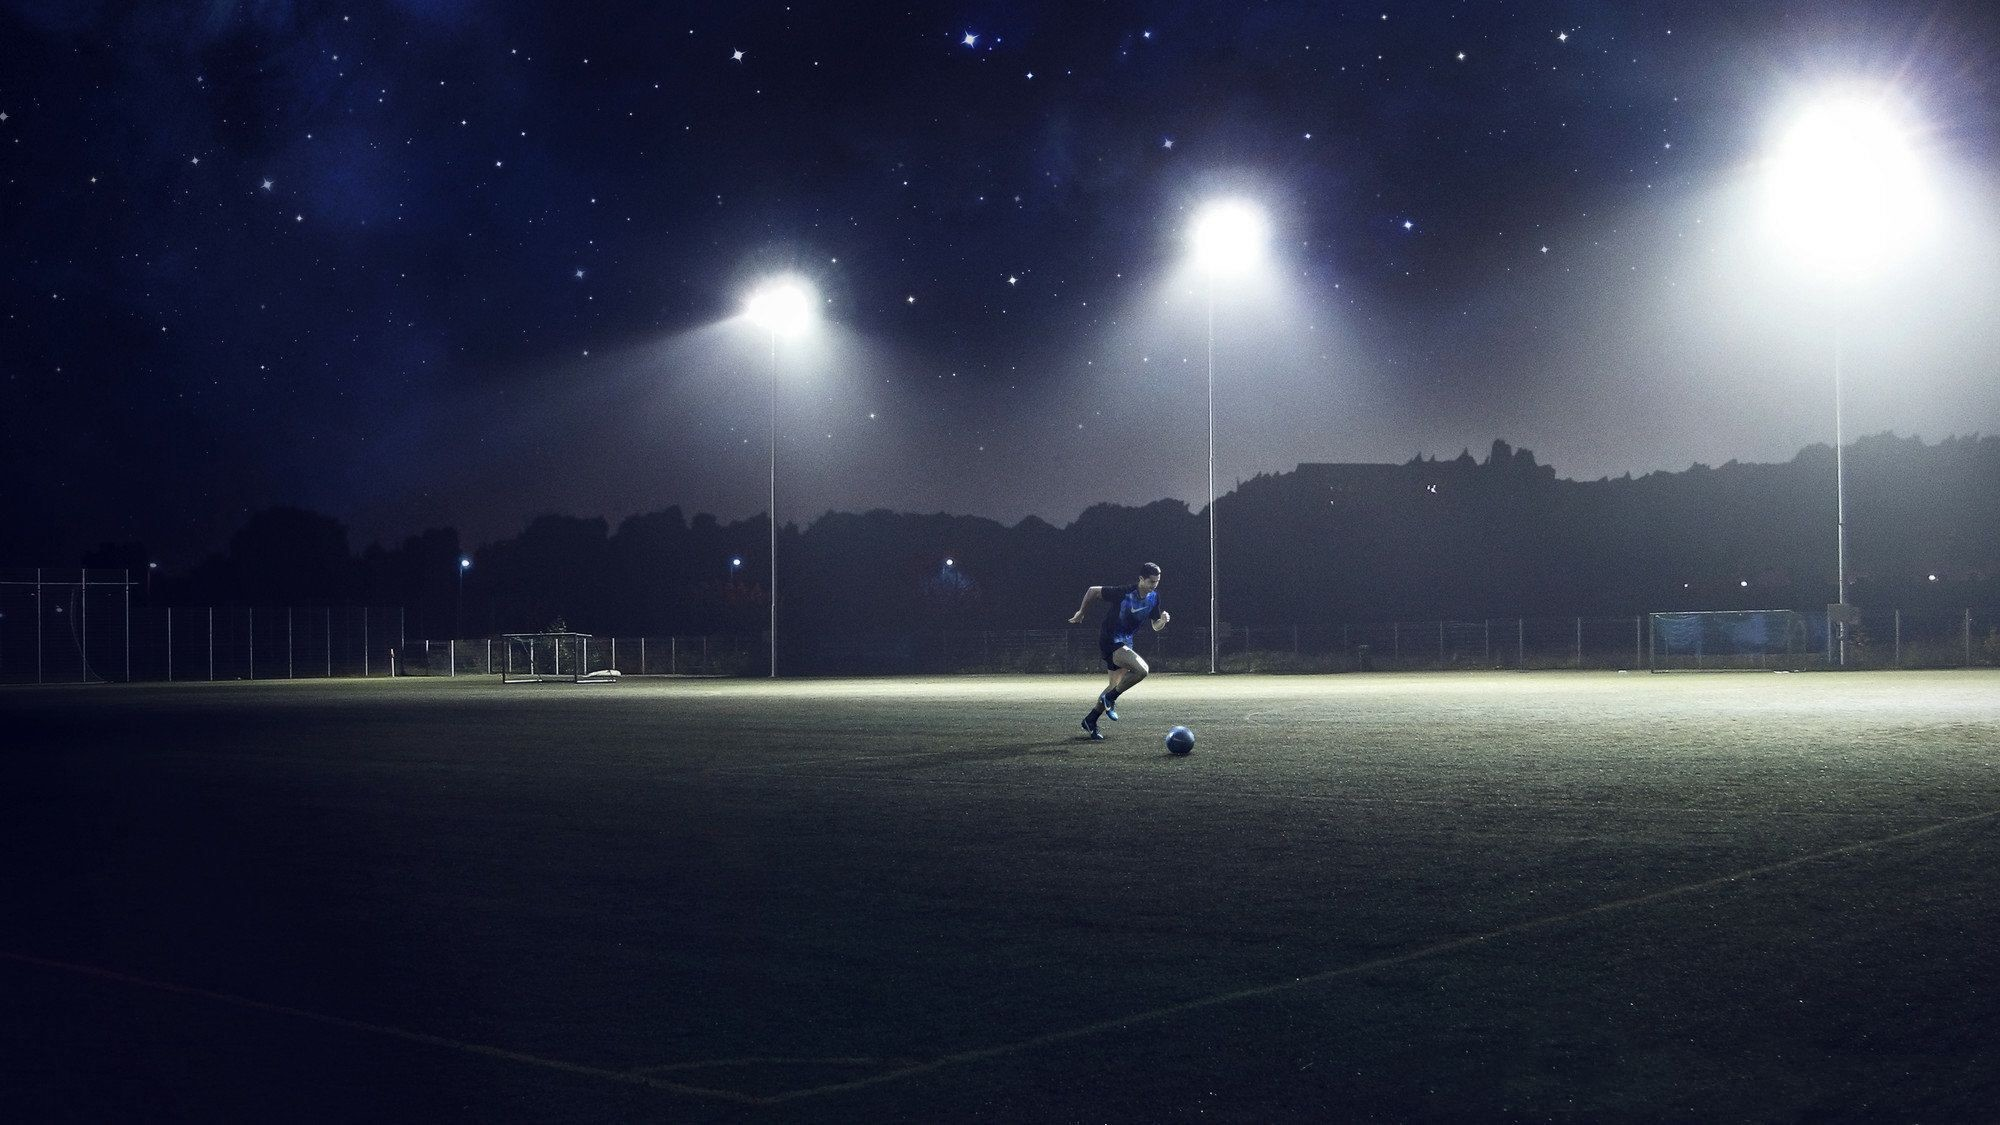 night soccer wallpaper 73902